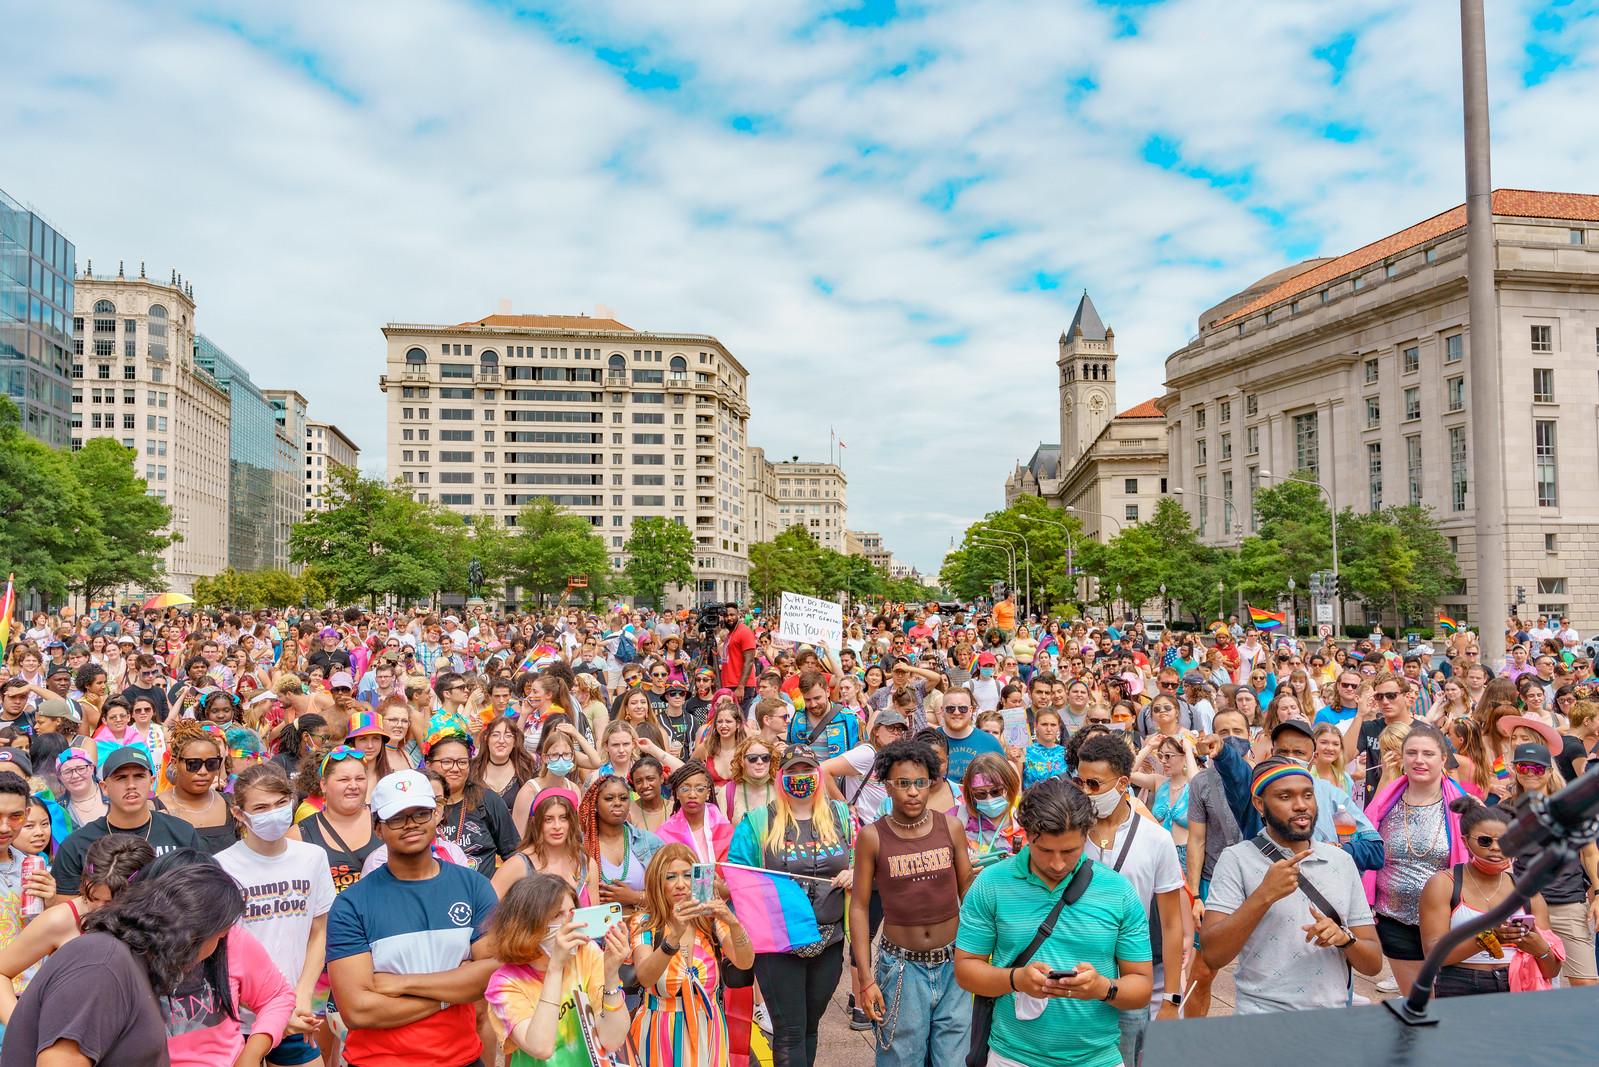 2021.06.12 Capital Pride Walk and Rally and Pridemobile Parade, Washington, DC USA 163 345246